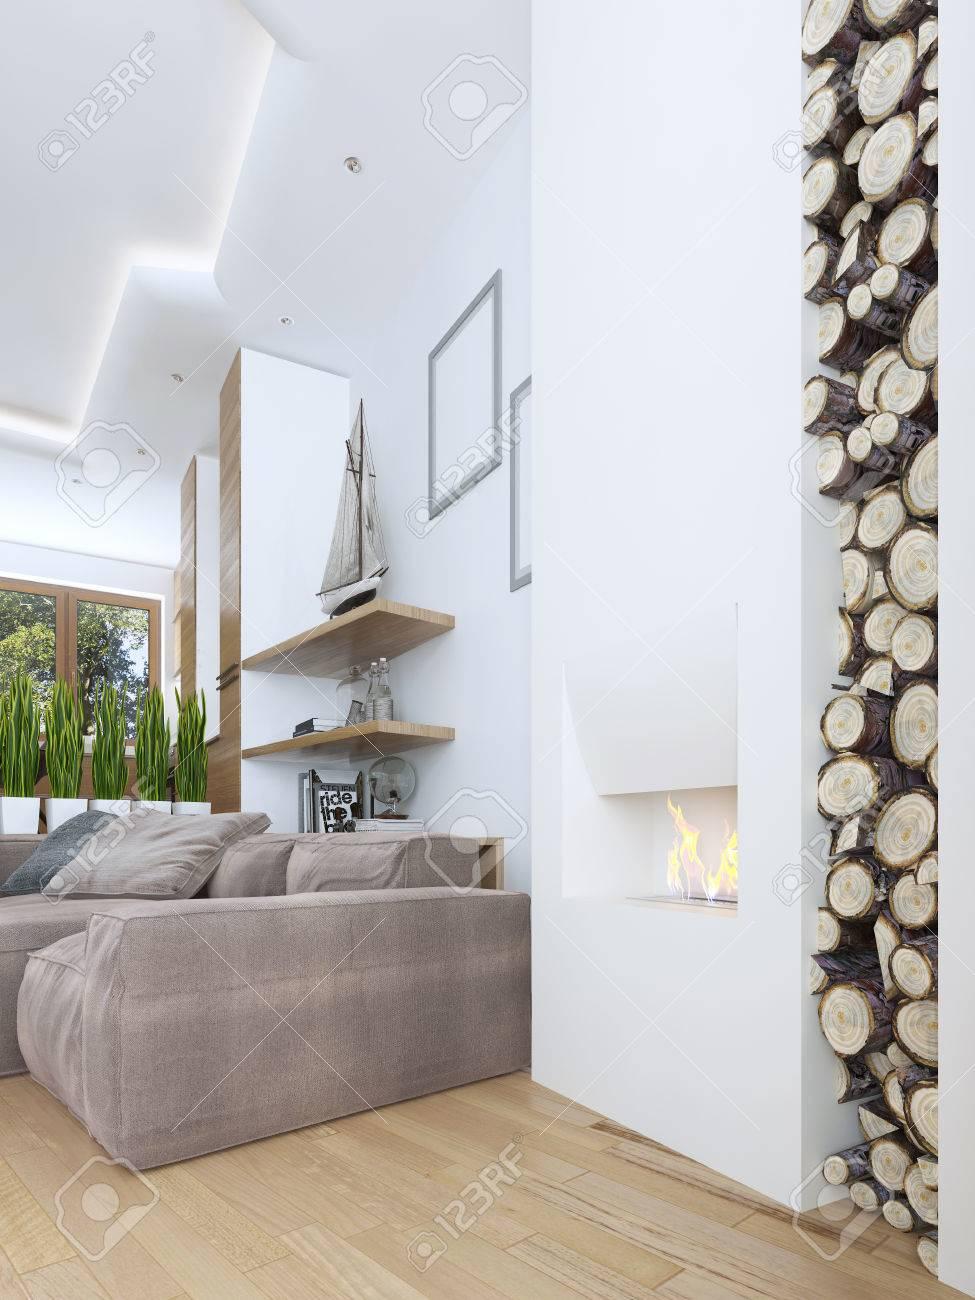 Idée De Cheminée Moderne l'idée de la cheminée design dans un style moderne avec une niche pour le  bois de chauffage. grande cheminée blanche intégrée dans le mur. cheminée